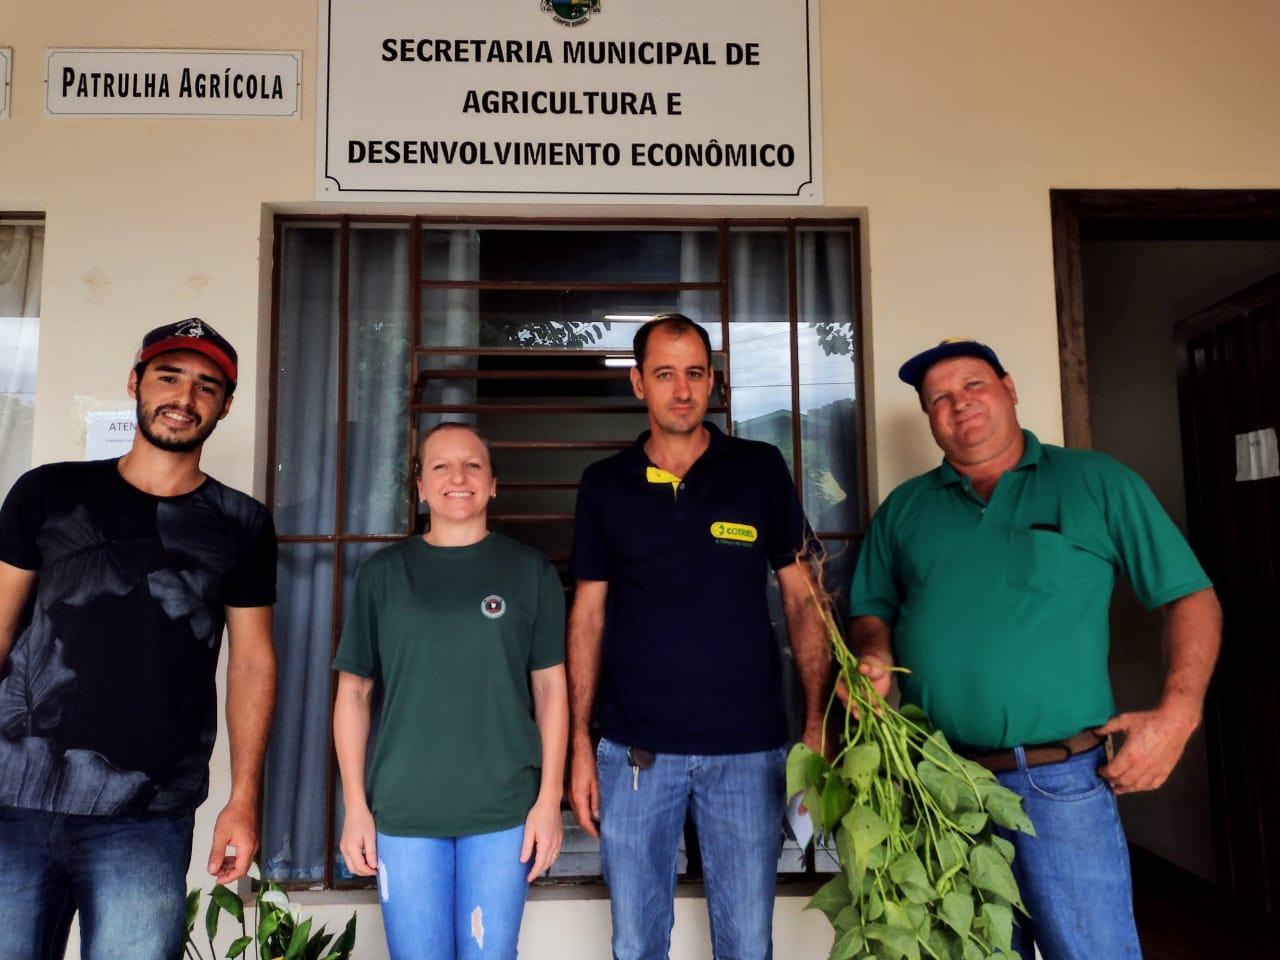 Adelar Maier avalia primeiro mês nos cargos de Secretário da Agricultura e Desenvolvimento Econômico de Campos Borges